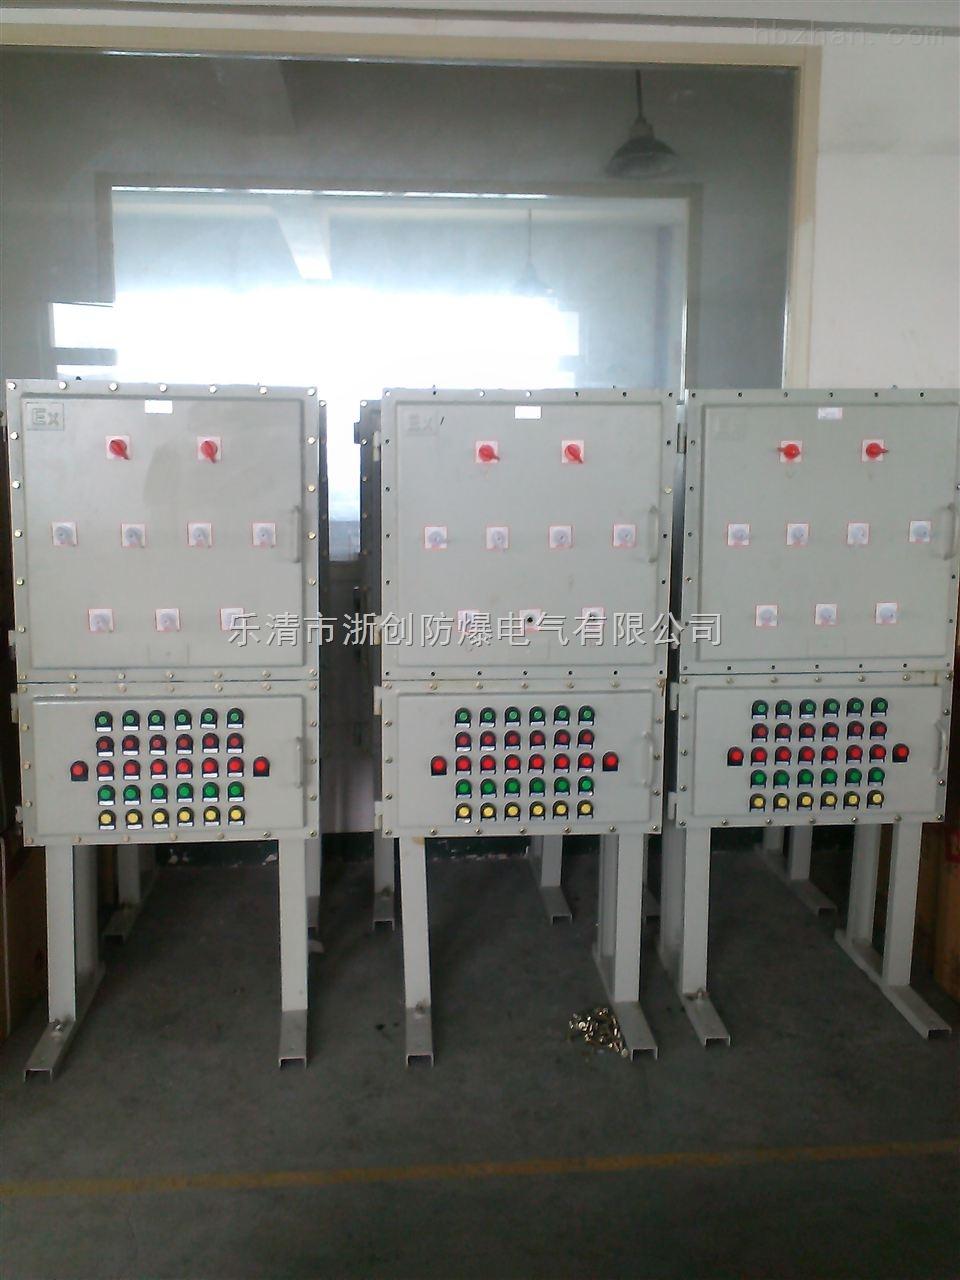 锅炉房防爆控制箱,防爆动力配电箱